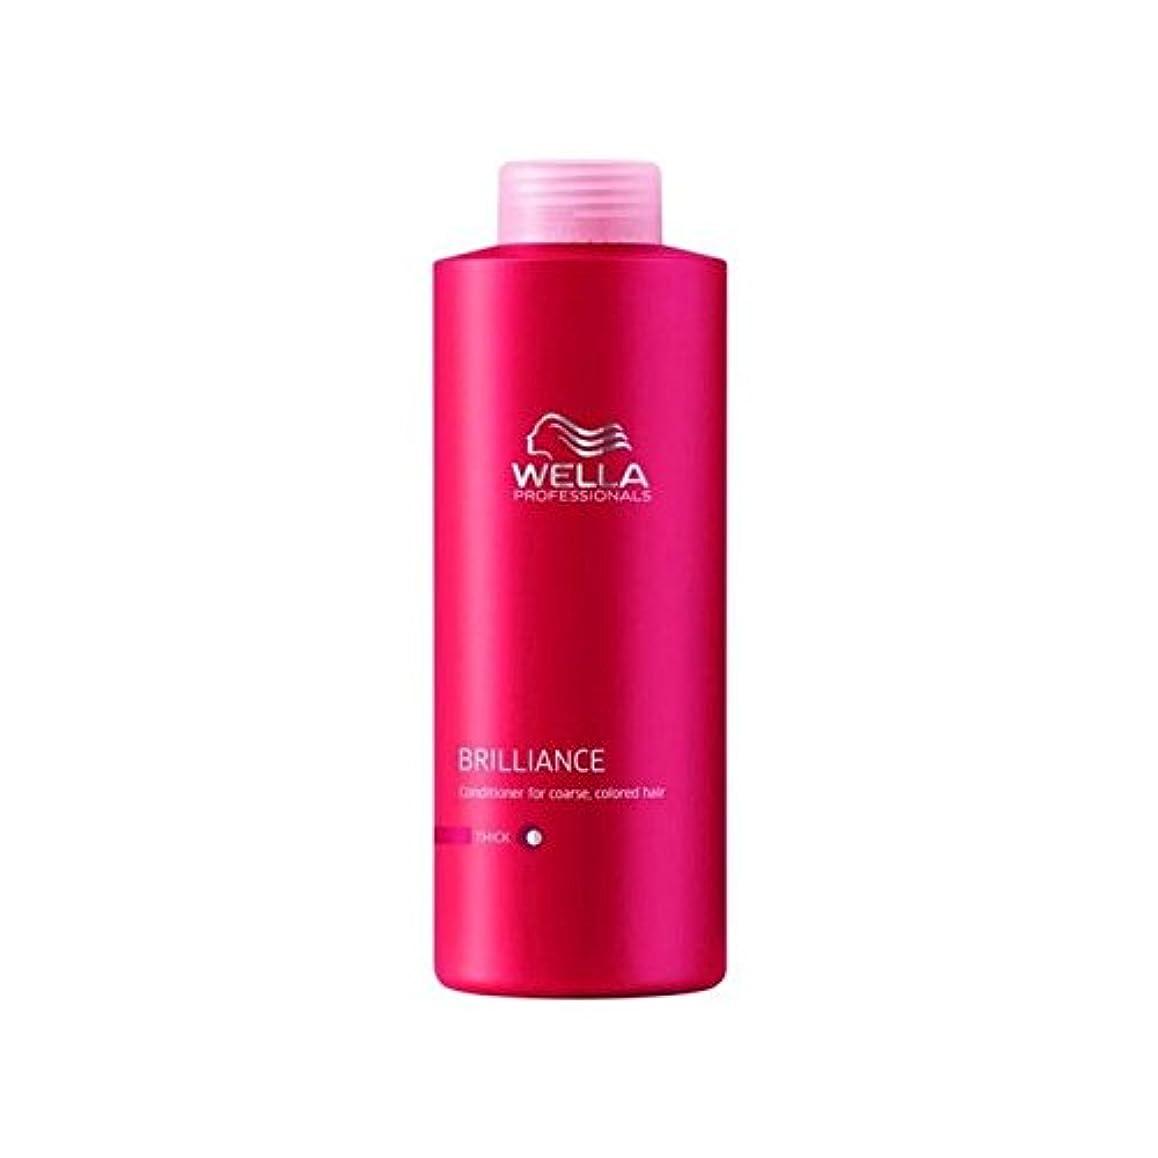 ひまわりどれでも温度ウェラの専門家は粗いコンディショナー(千ミリリットル)をブリリアンス x2 - Wella Professionals Brilliance Coarse Conditioner (1000ml) (Pack of 2)...